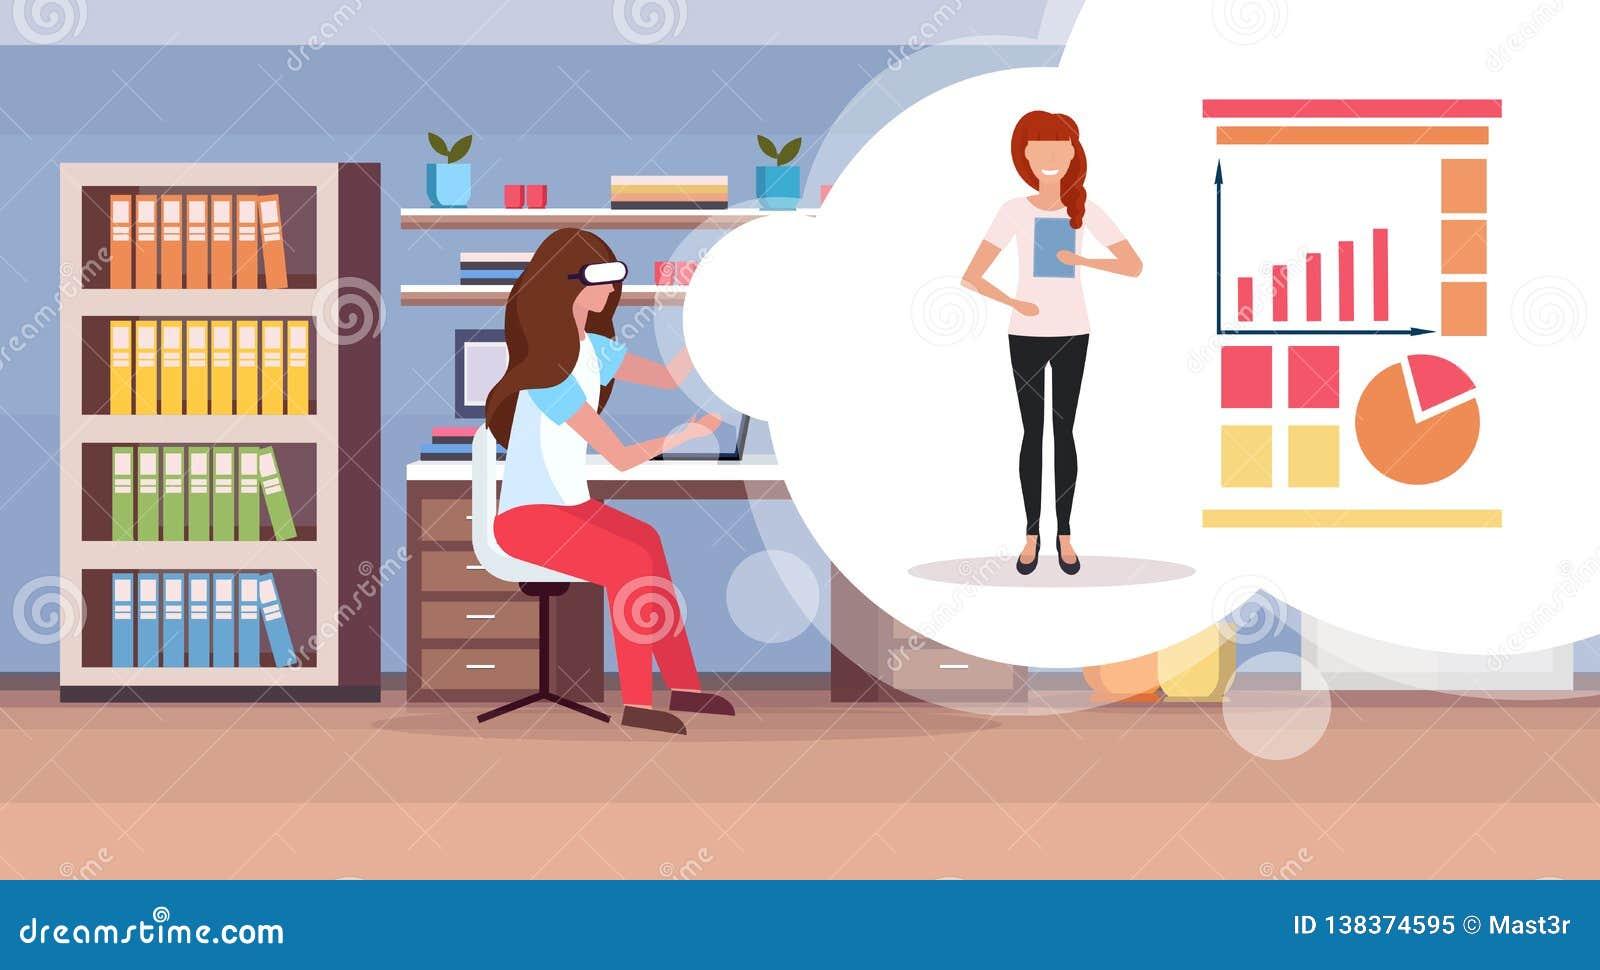 女孩佩带数字玻璃虚拟现实妇女的开会工作场所做介绍财政统计图表